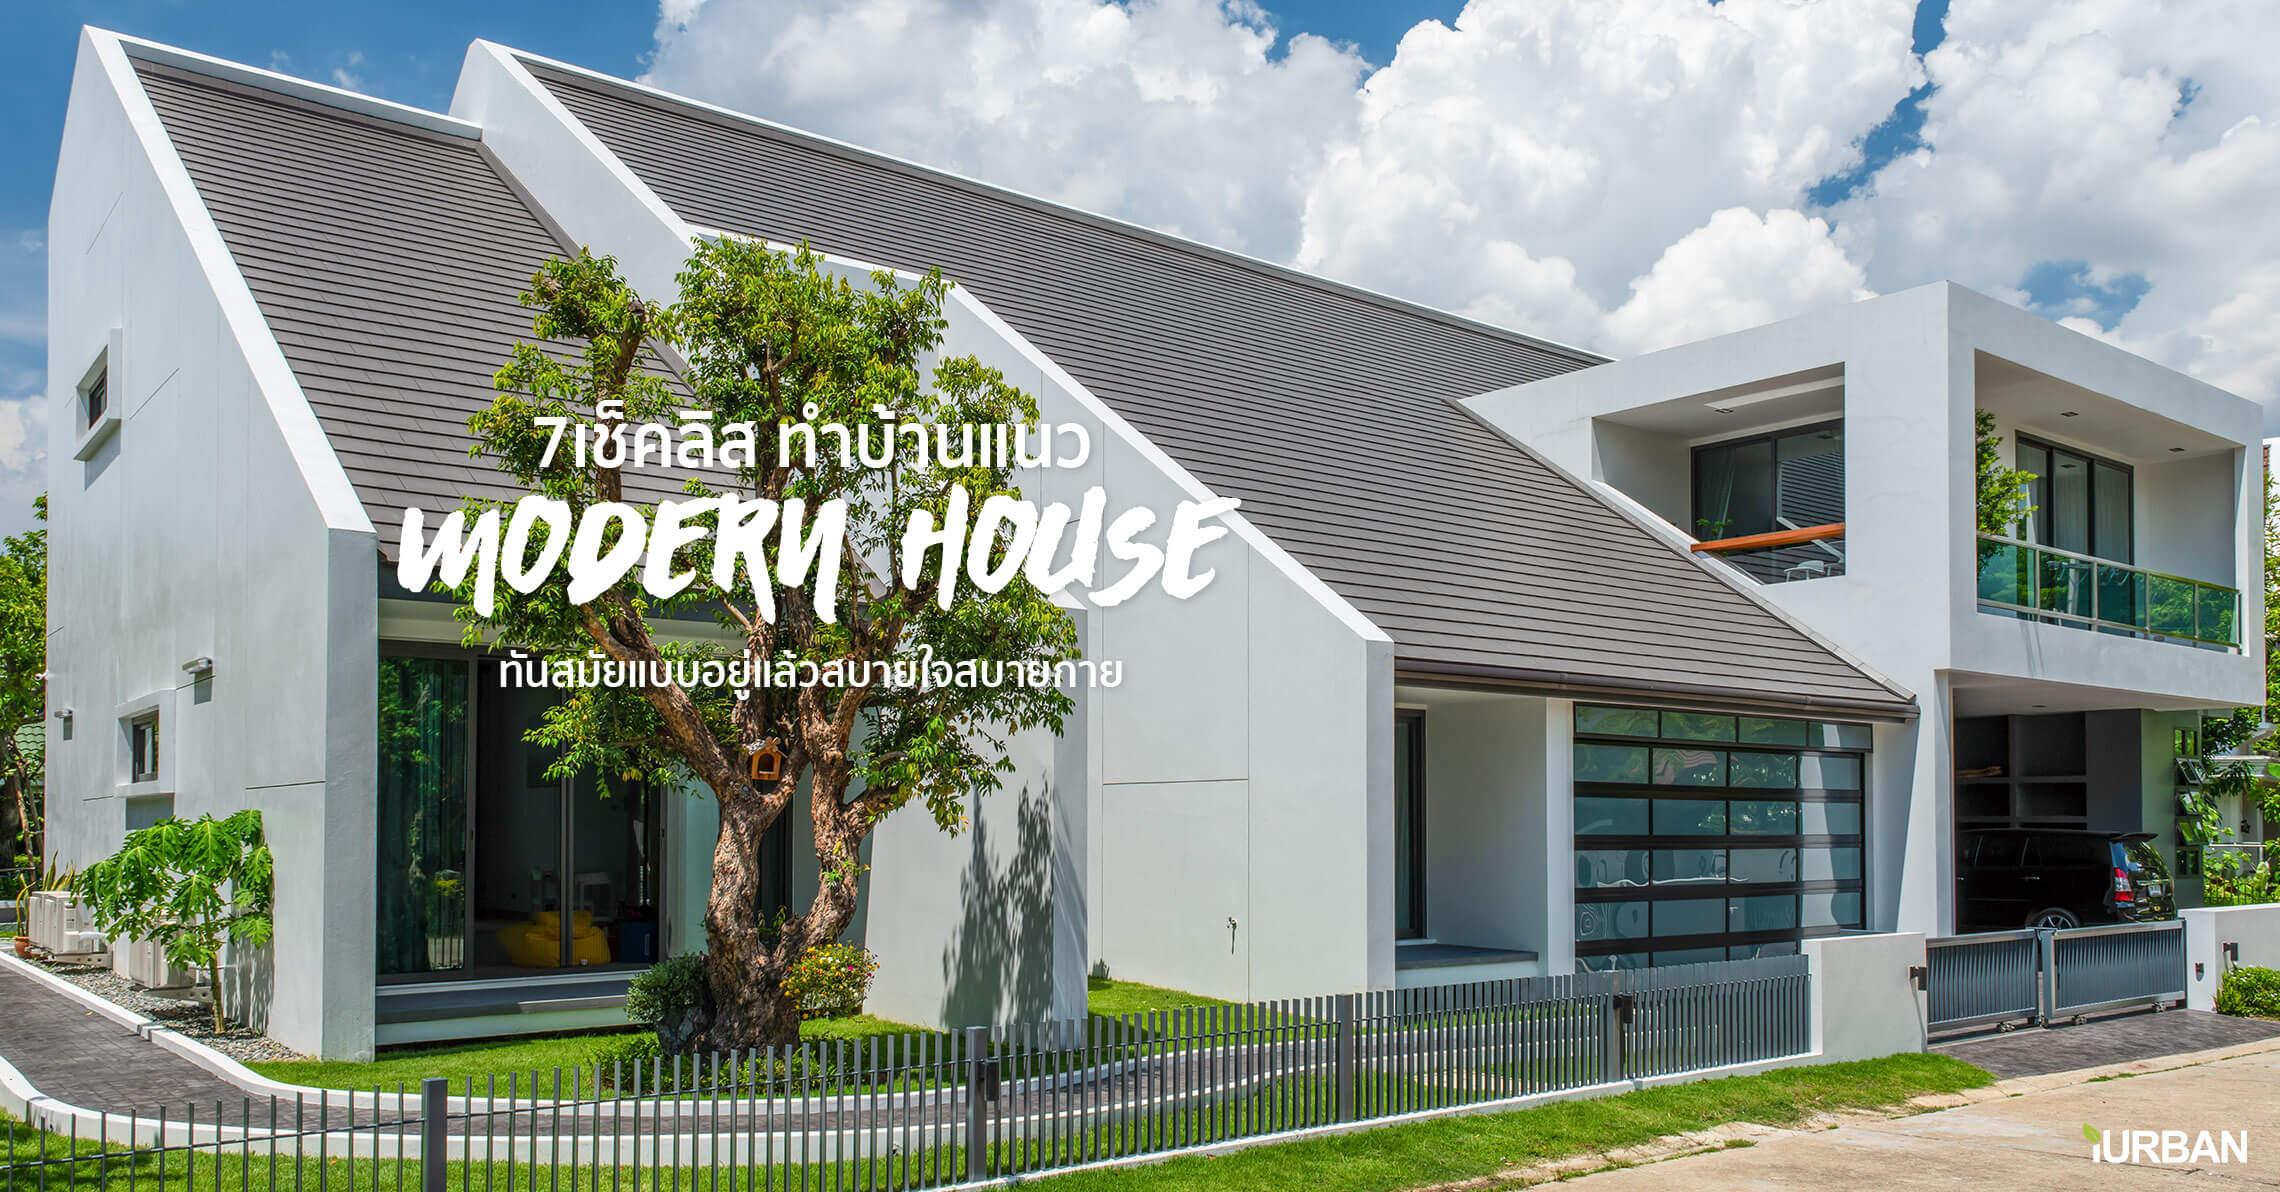 7 Checklist แนวคิดสร้างบ้านสไตล์โมเดิร์น ที่จะให้ประโยชน์กับการอยู่อาศัยทุกวันของคุณ 13 - material